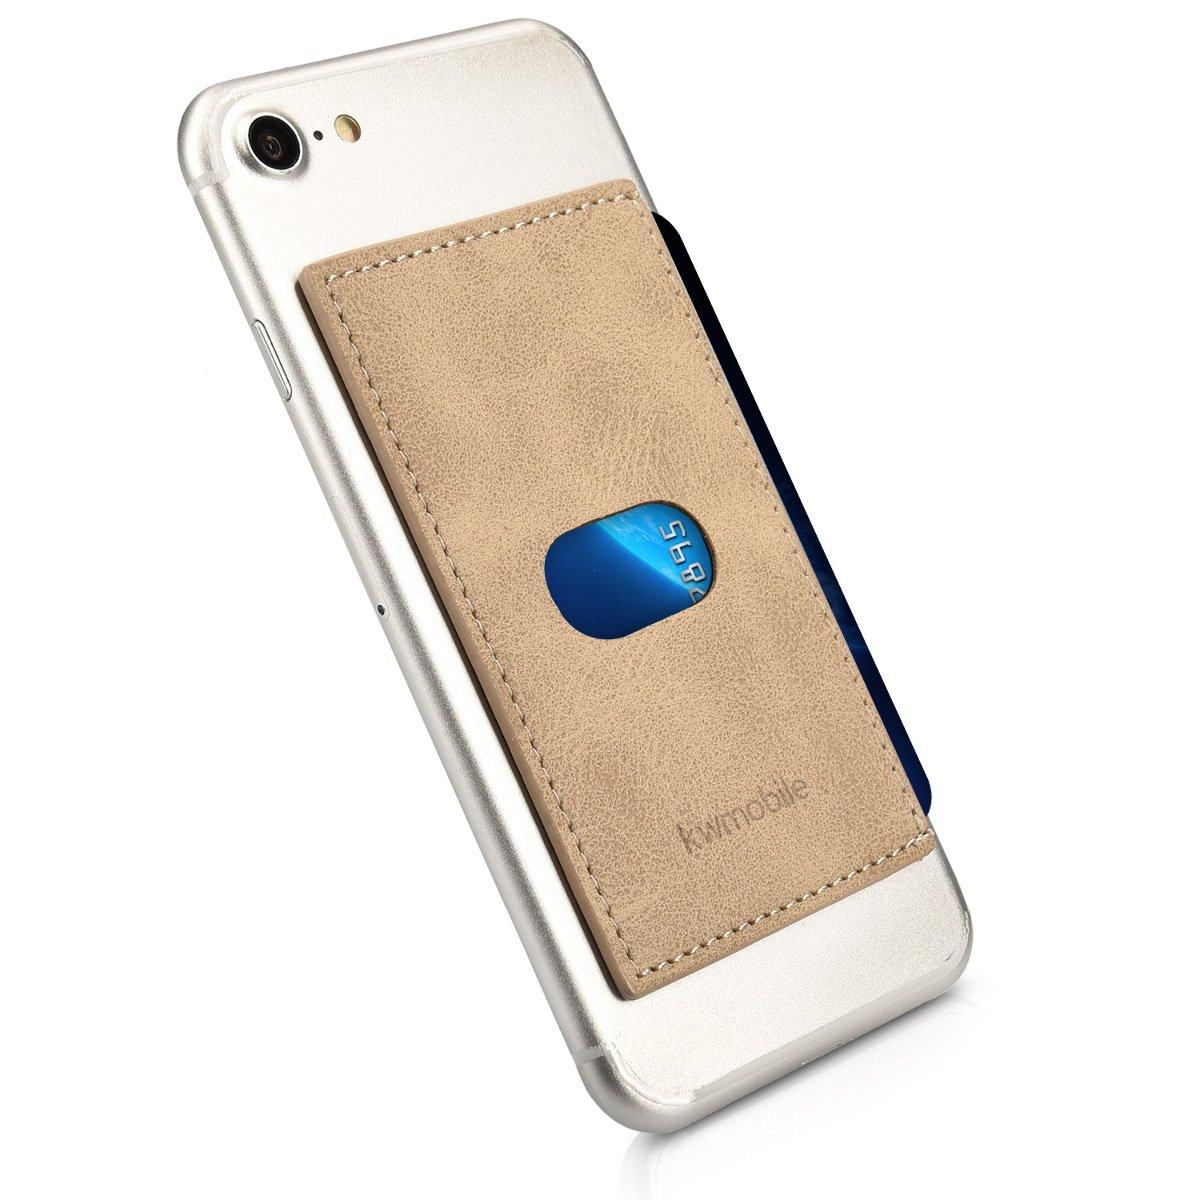 kwmobile Custodia carte portacarte per smartphone - porta tessere adesivo per carte di credito biglietti da visita bancomat - scomparto per carte in similpelle beige antracite KW-Commerce 40818.11_m000005